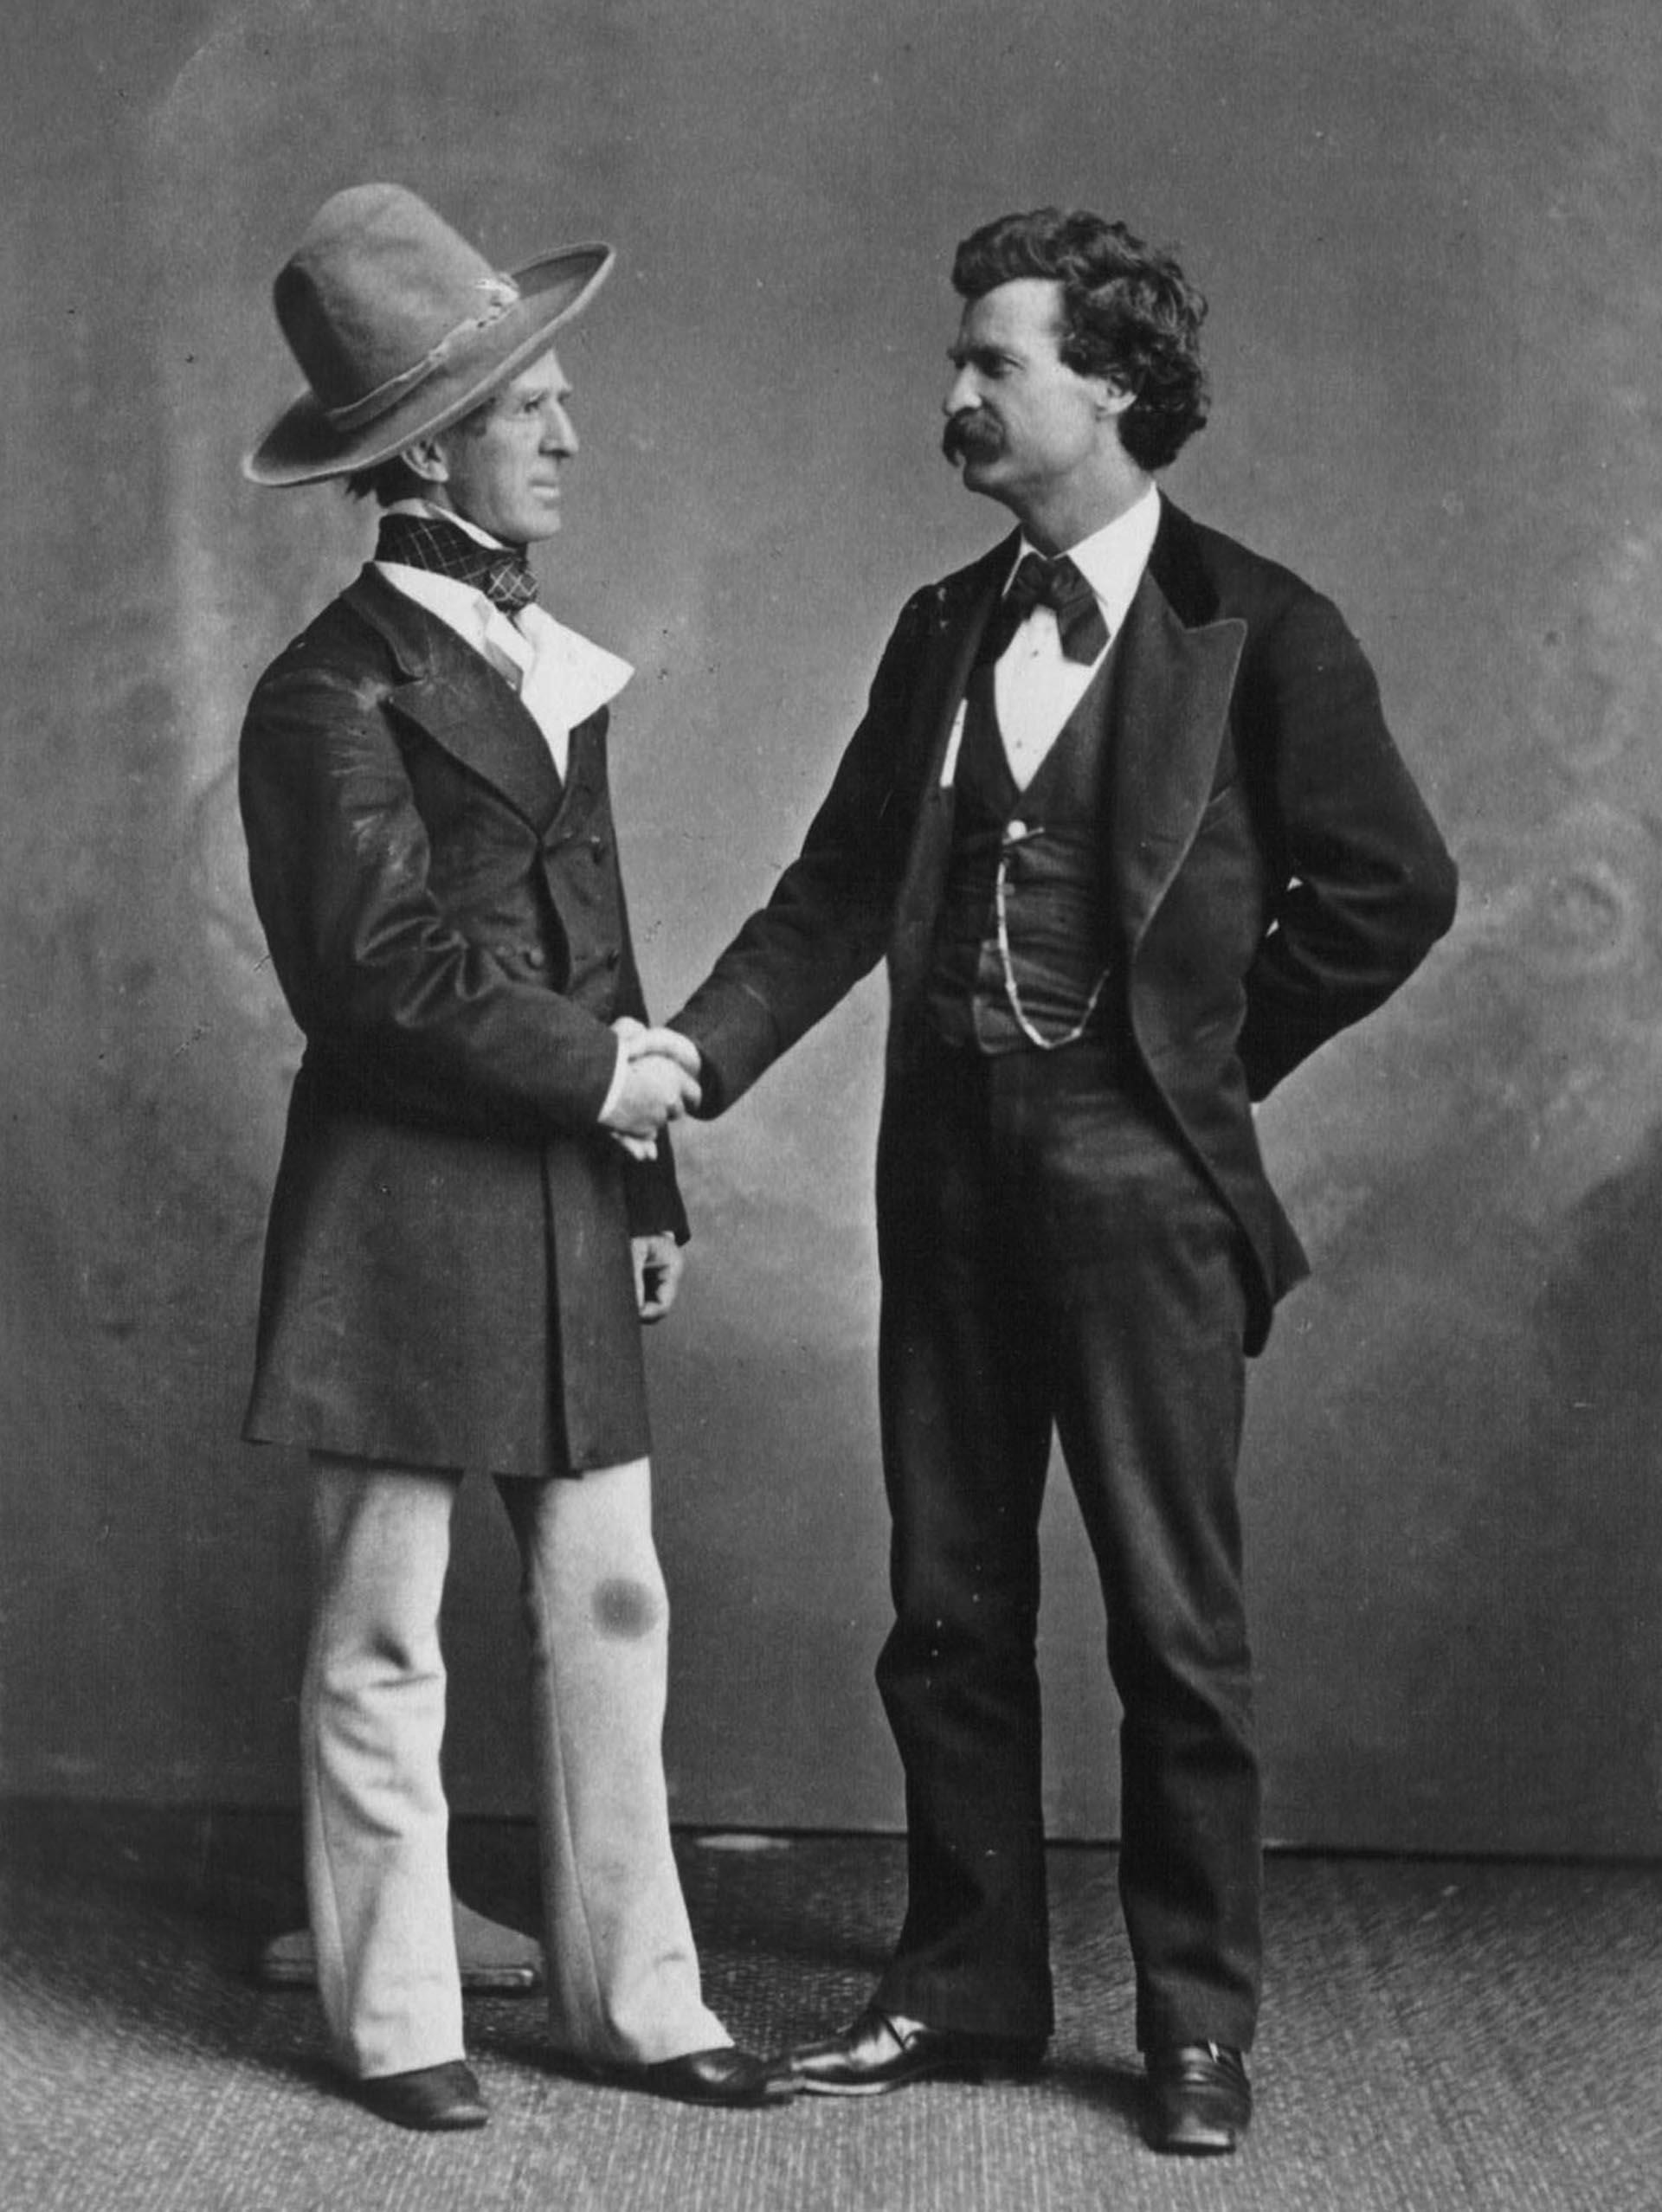 """En """"Pasando fatigas"""" y """"La célebre rana saltarina del distrito de Calaveras"""" Twain cuenta sus experiencias en el viejo oeste"""